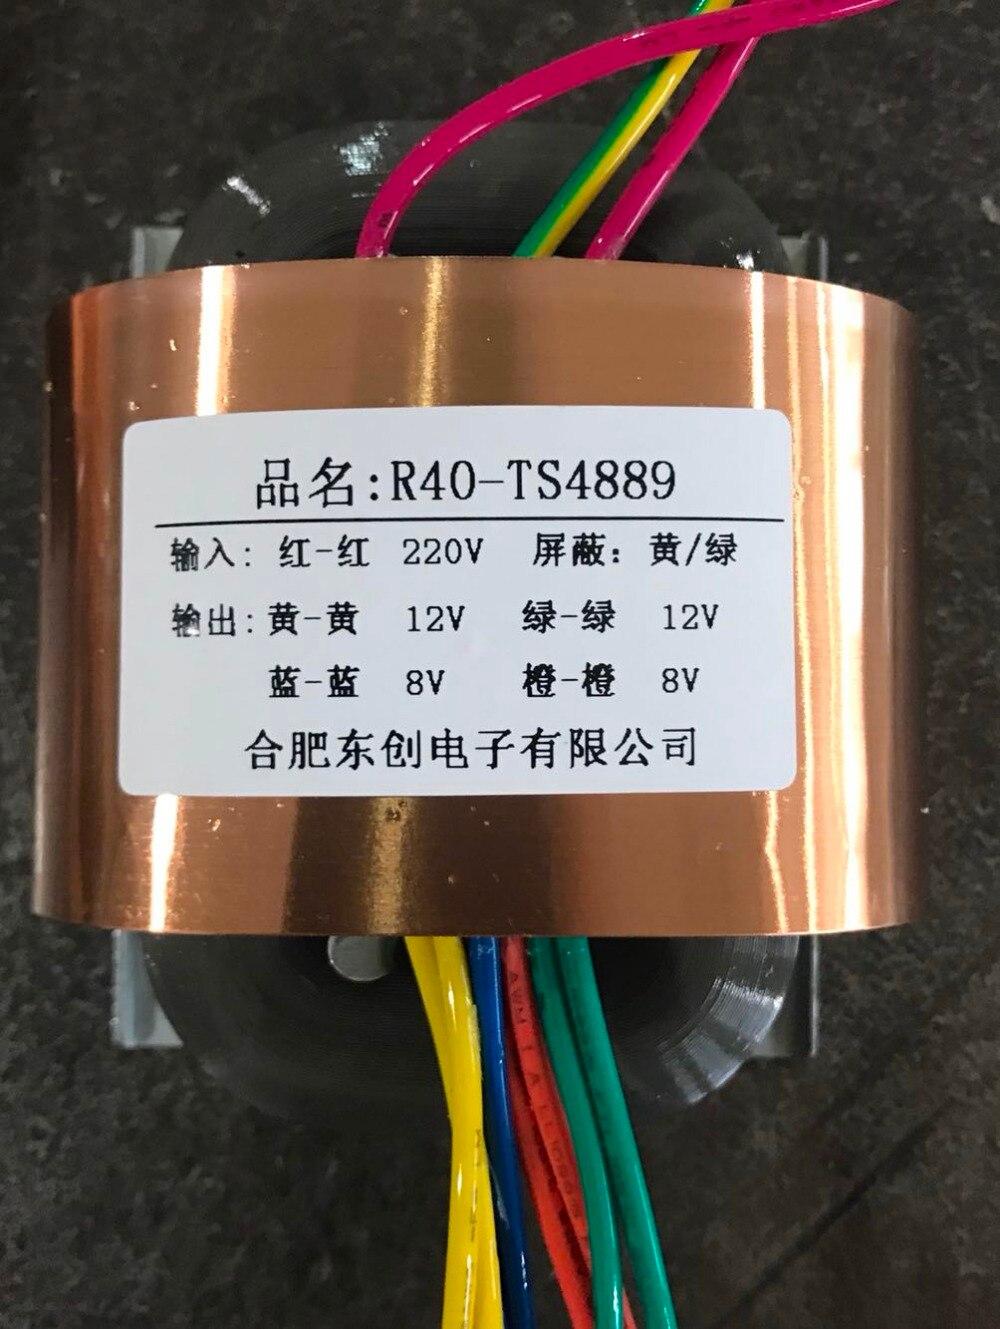 2*12V 1.25A 2*8V 1.25A R Core Transformer 50VA R40 custom transformer 220V copper shield output for Power supply amplifier 16v 0 16v 1a 2 9v 1a r core transformer 50va r40 custom transformer 110v 110v copper shield output for power supply amplifier